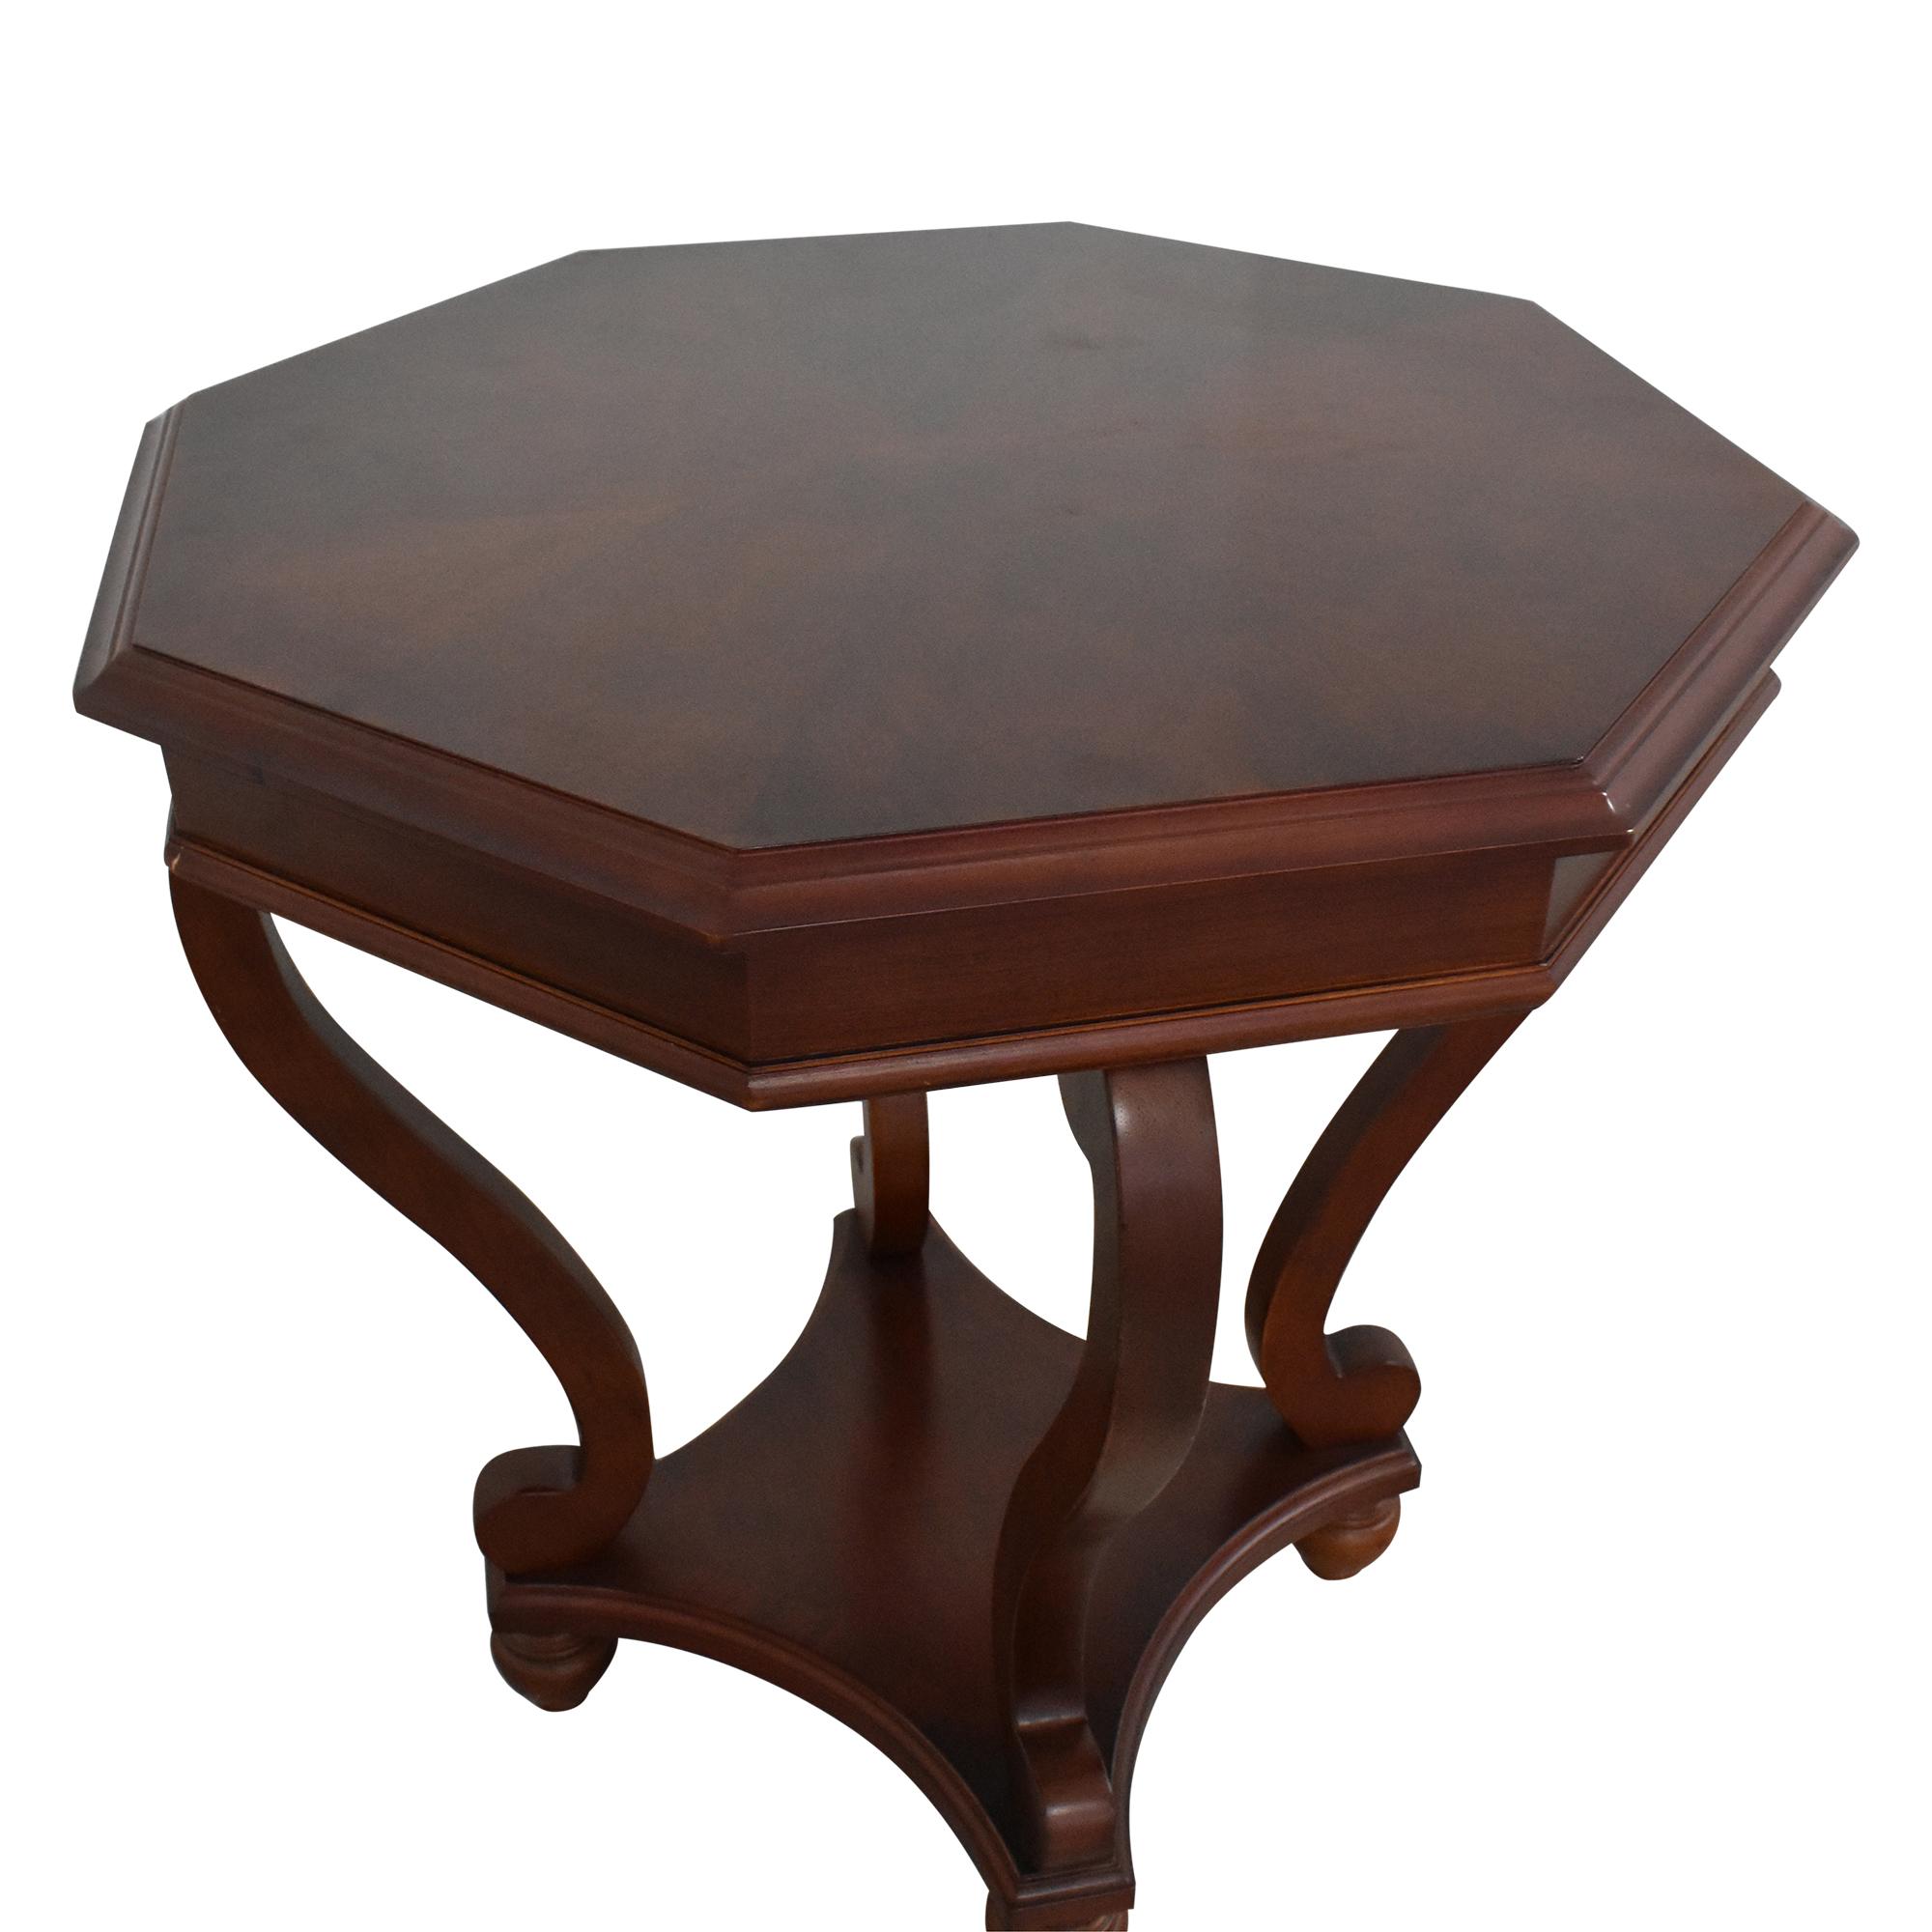 buy Bombay Company Octagonal Accent Table Bombay Company